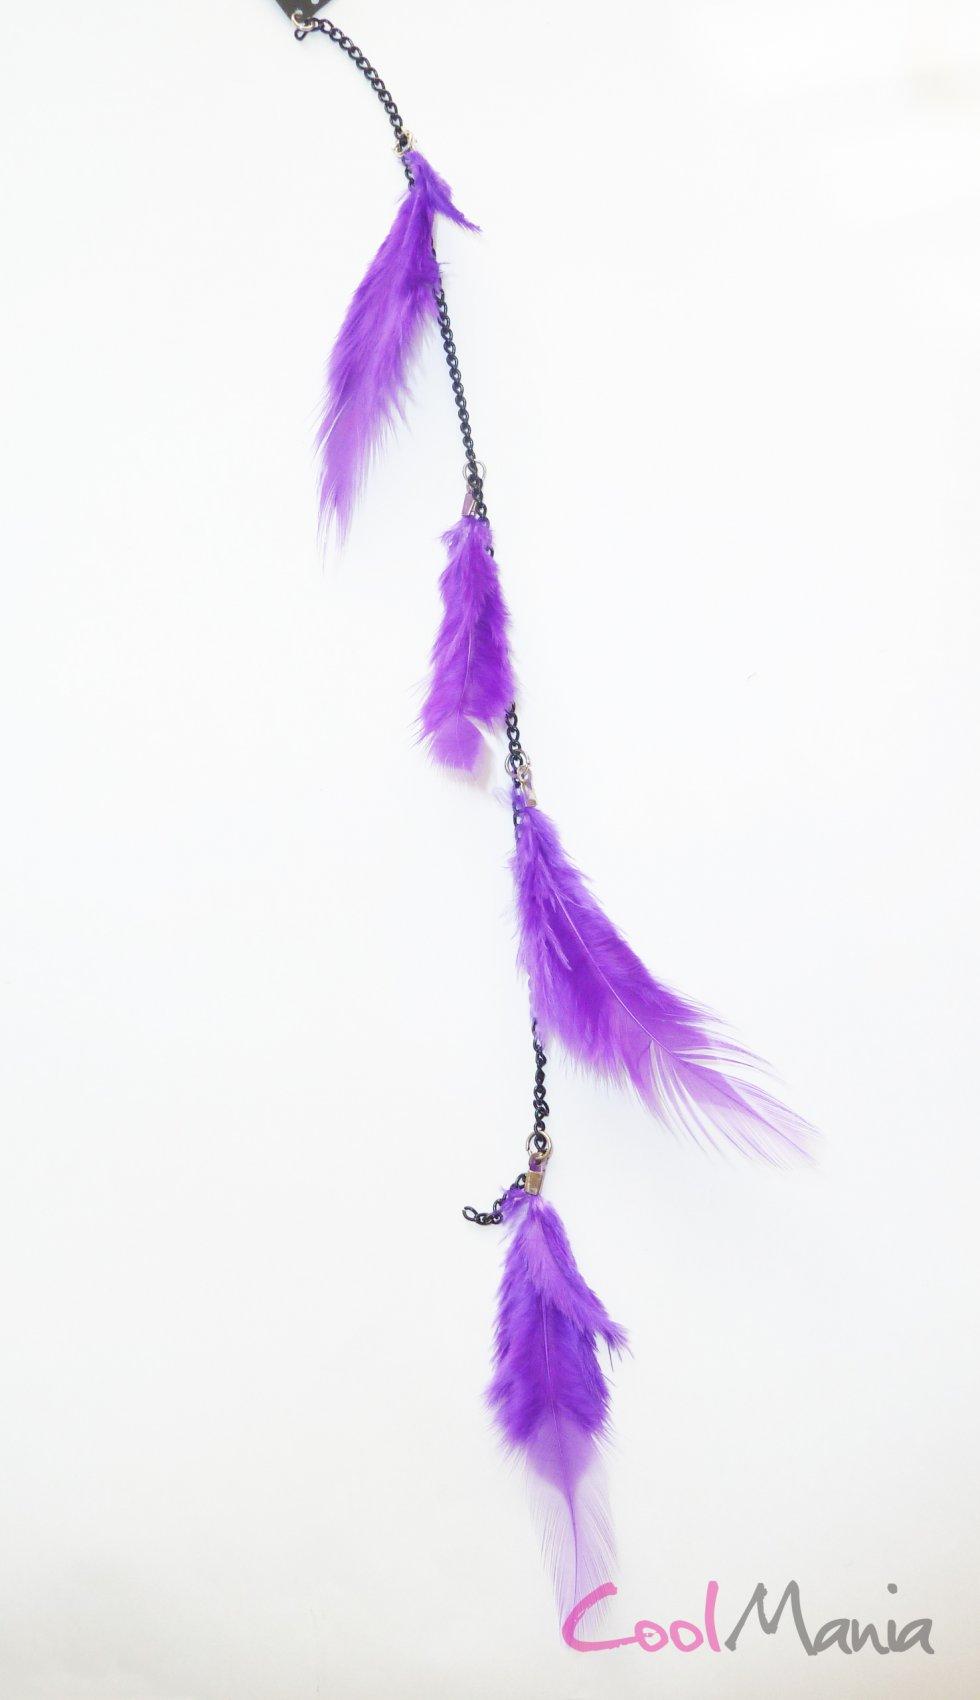 prolongation de cheveux de plume violet clair cool mania. Black Bedroom Furniture Sets. Home Design Ideas